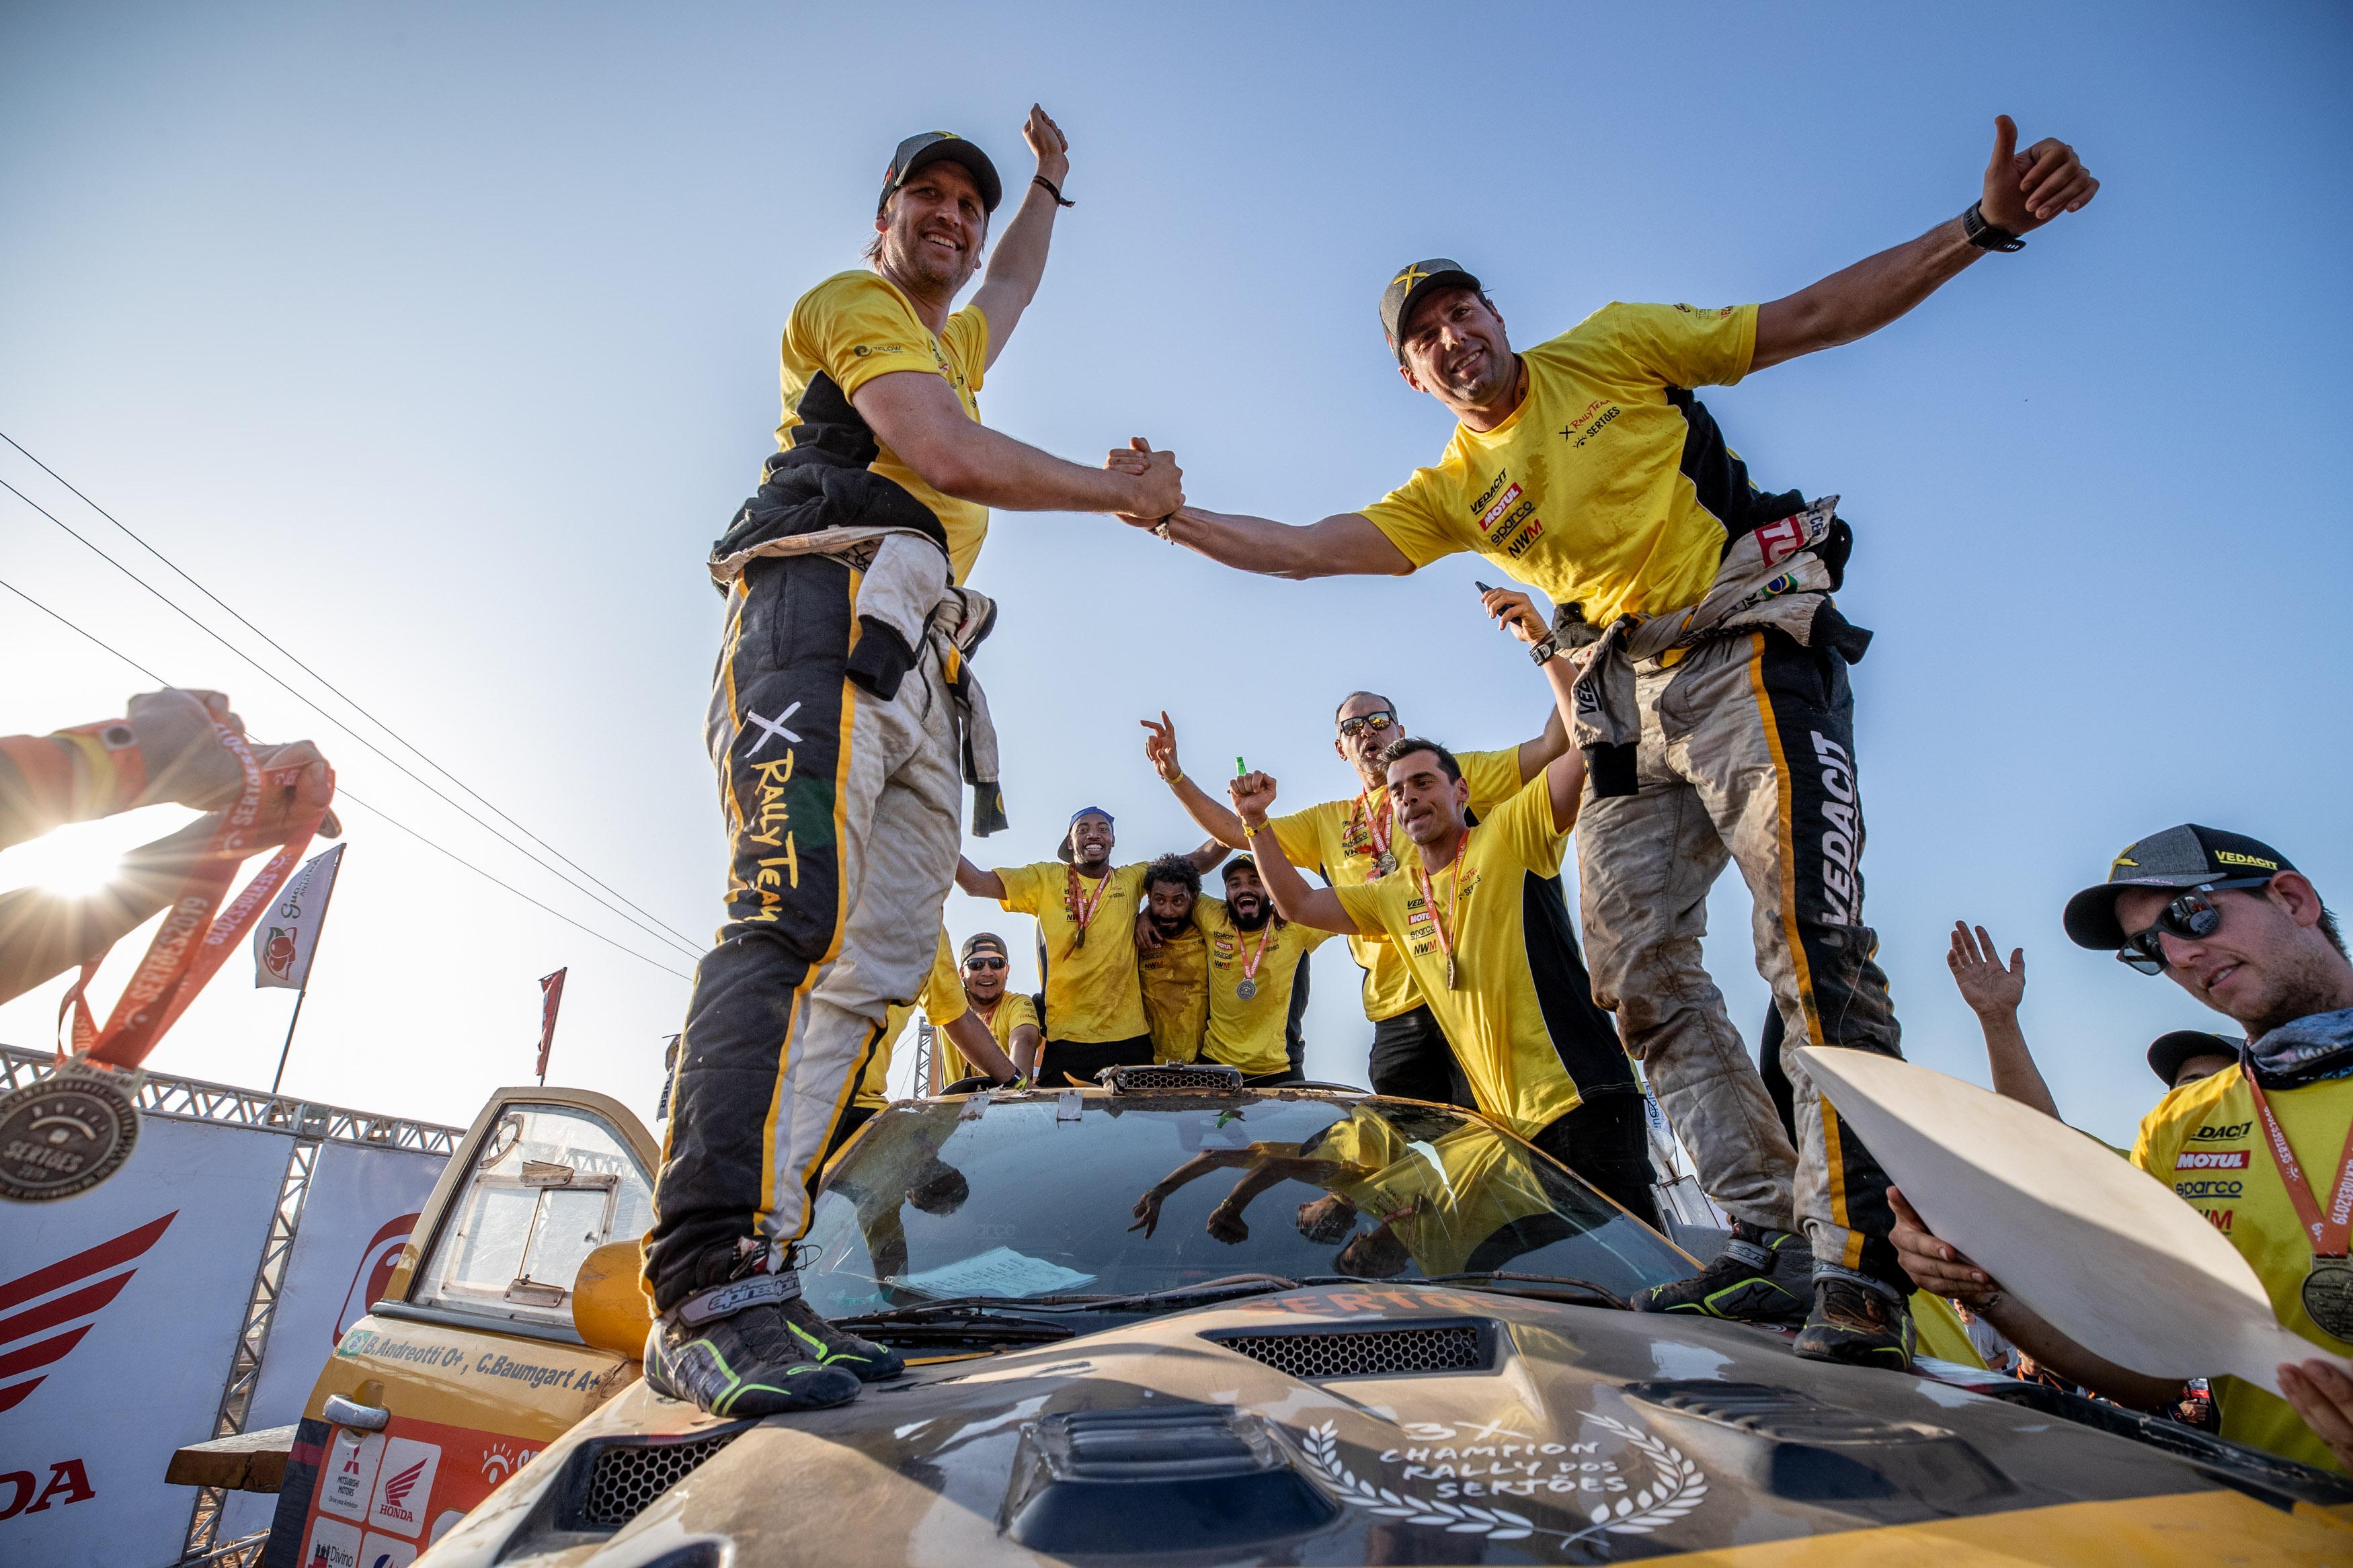 Em Sertões imprevisível, X Rally Team fecha edição com saldo positivo